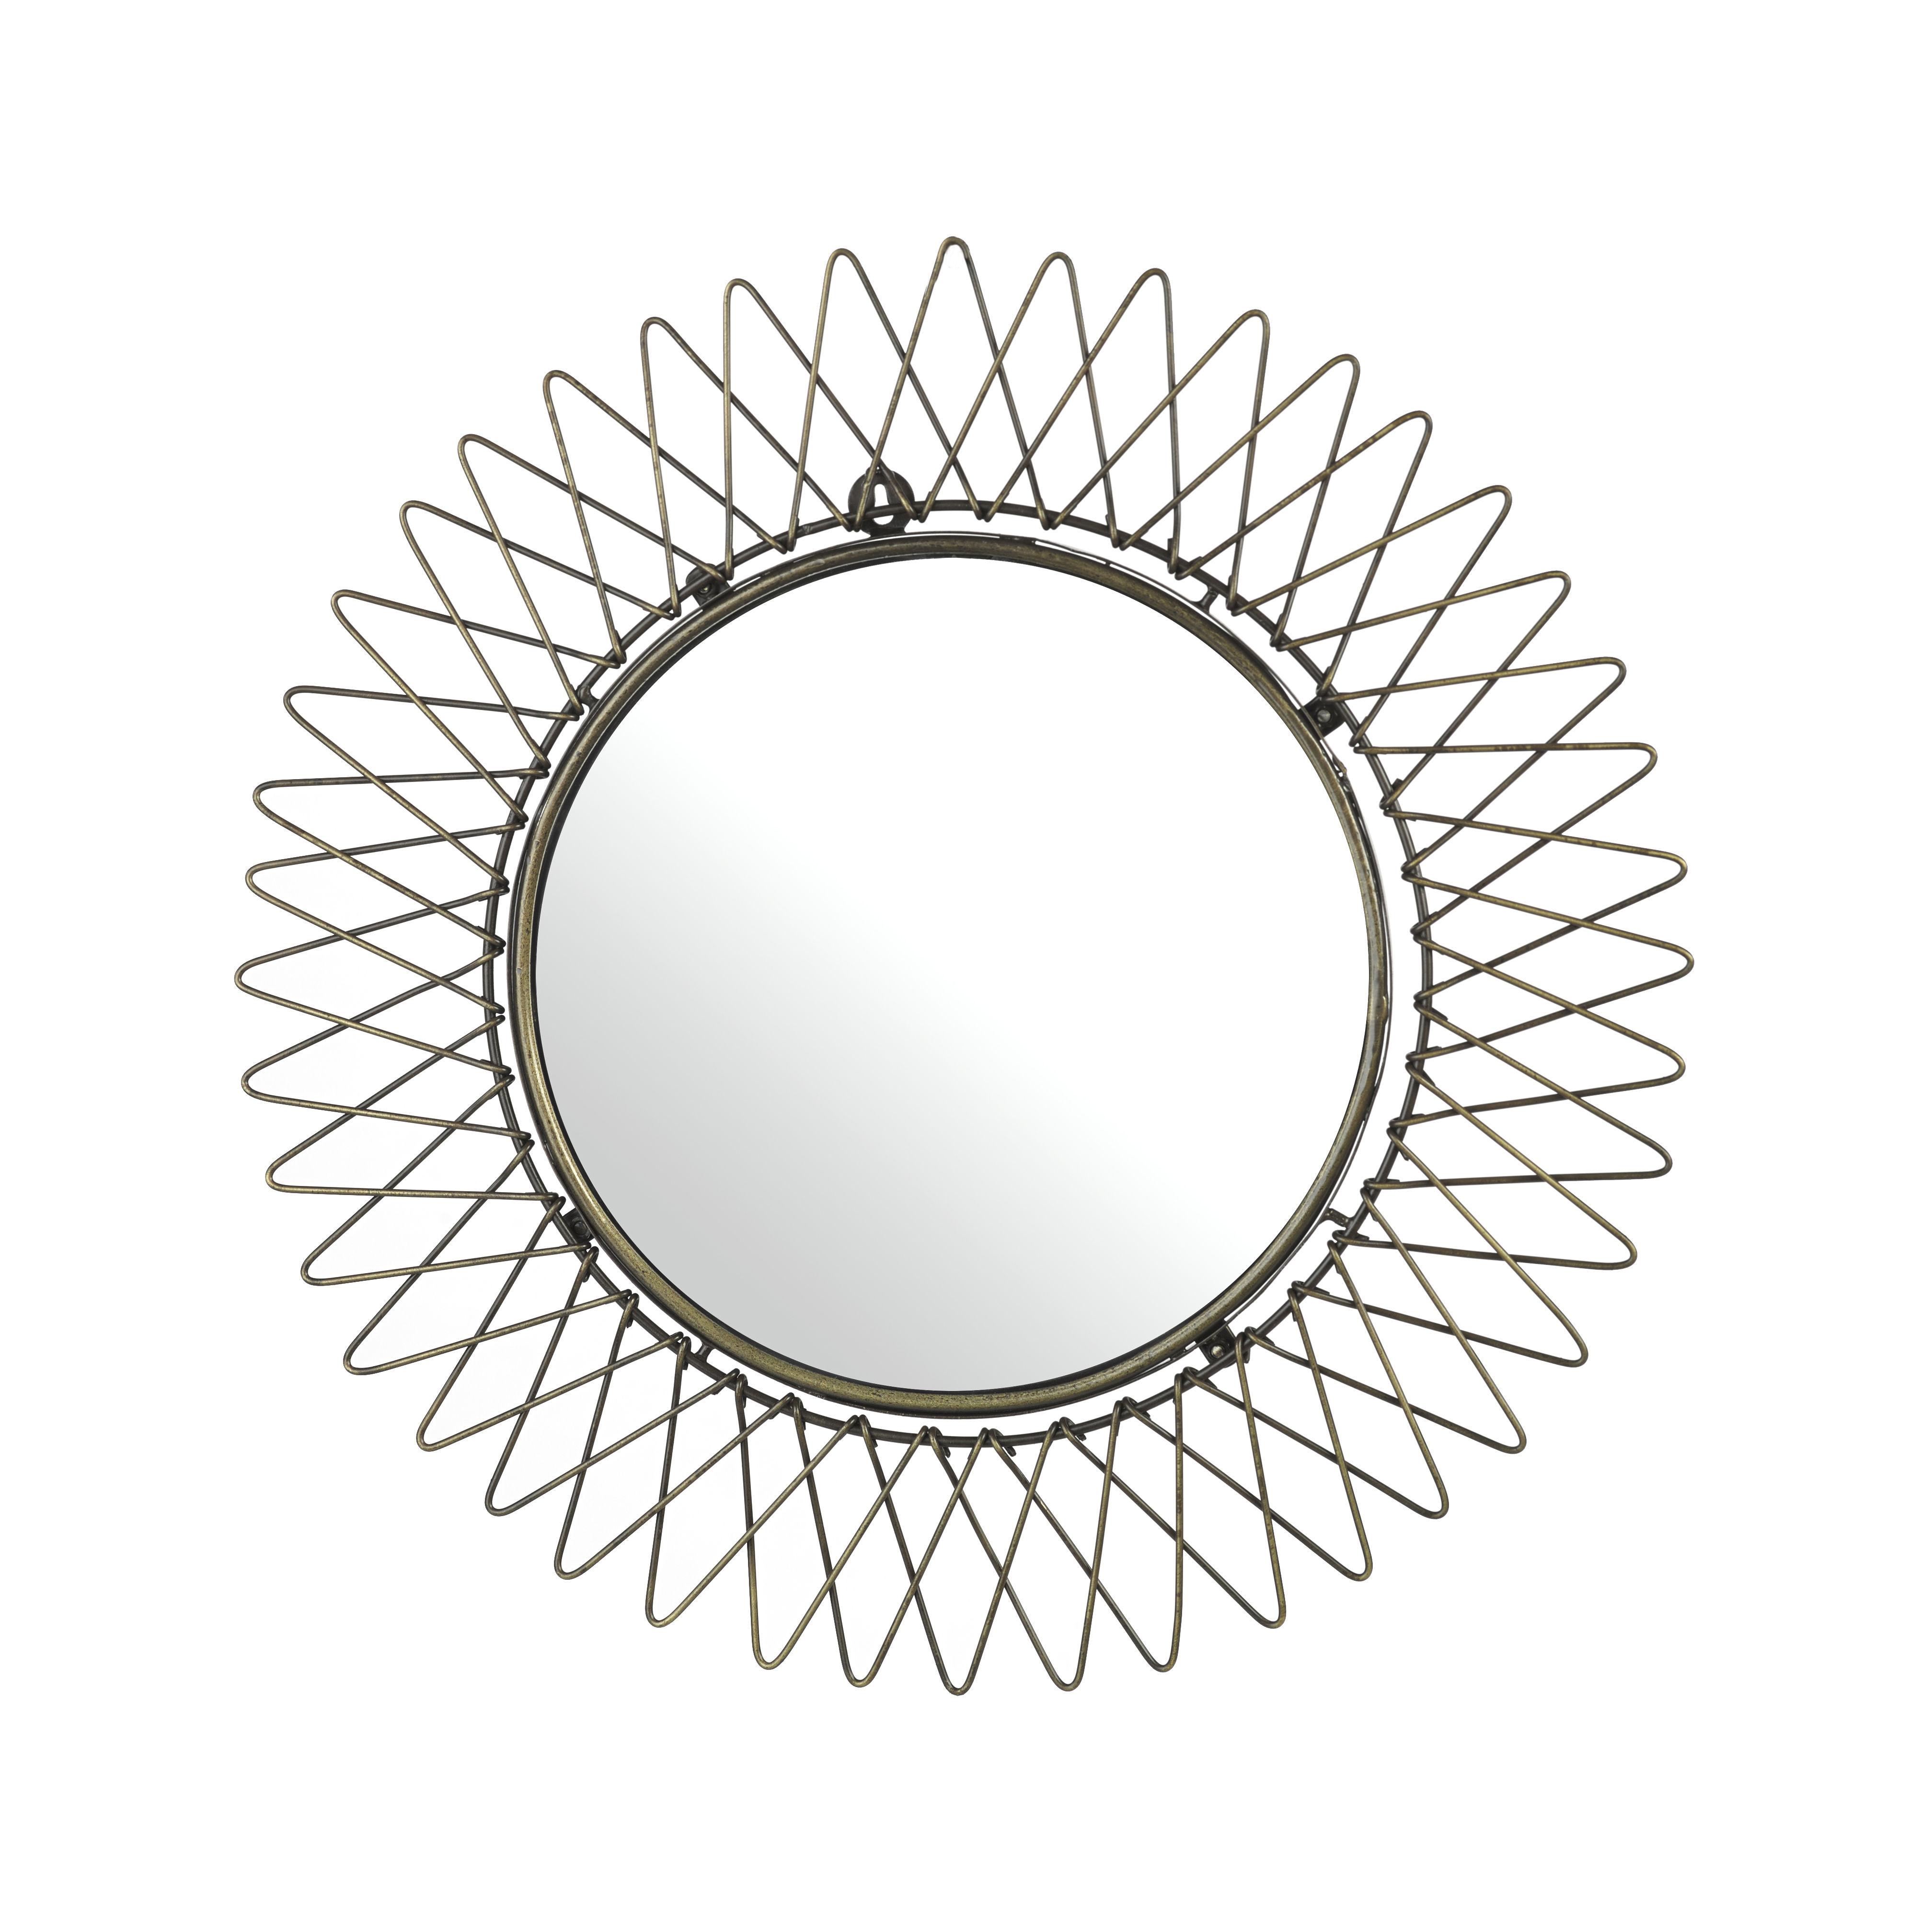 Interni - Specchi - Specchio murale Starlight - / Ø 50 cm di Pols Potten - Laiton vieilli - Metallo con finitura in ottone anticato